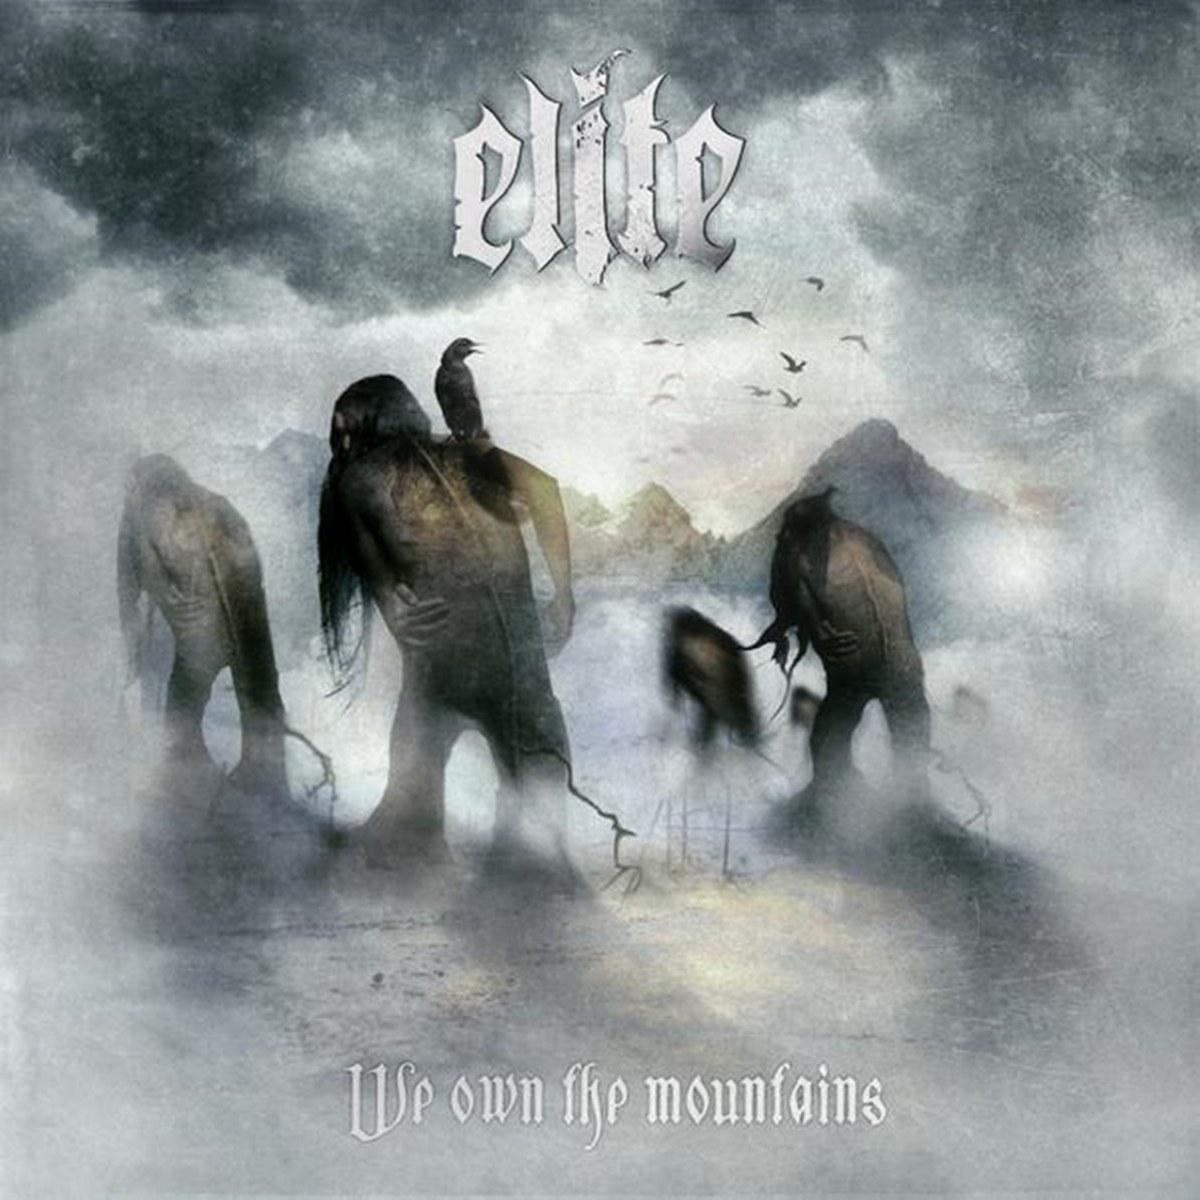 Elite - We Own the Mountains